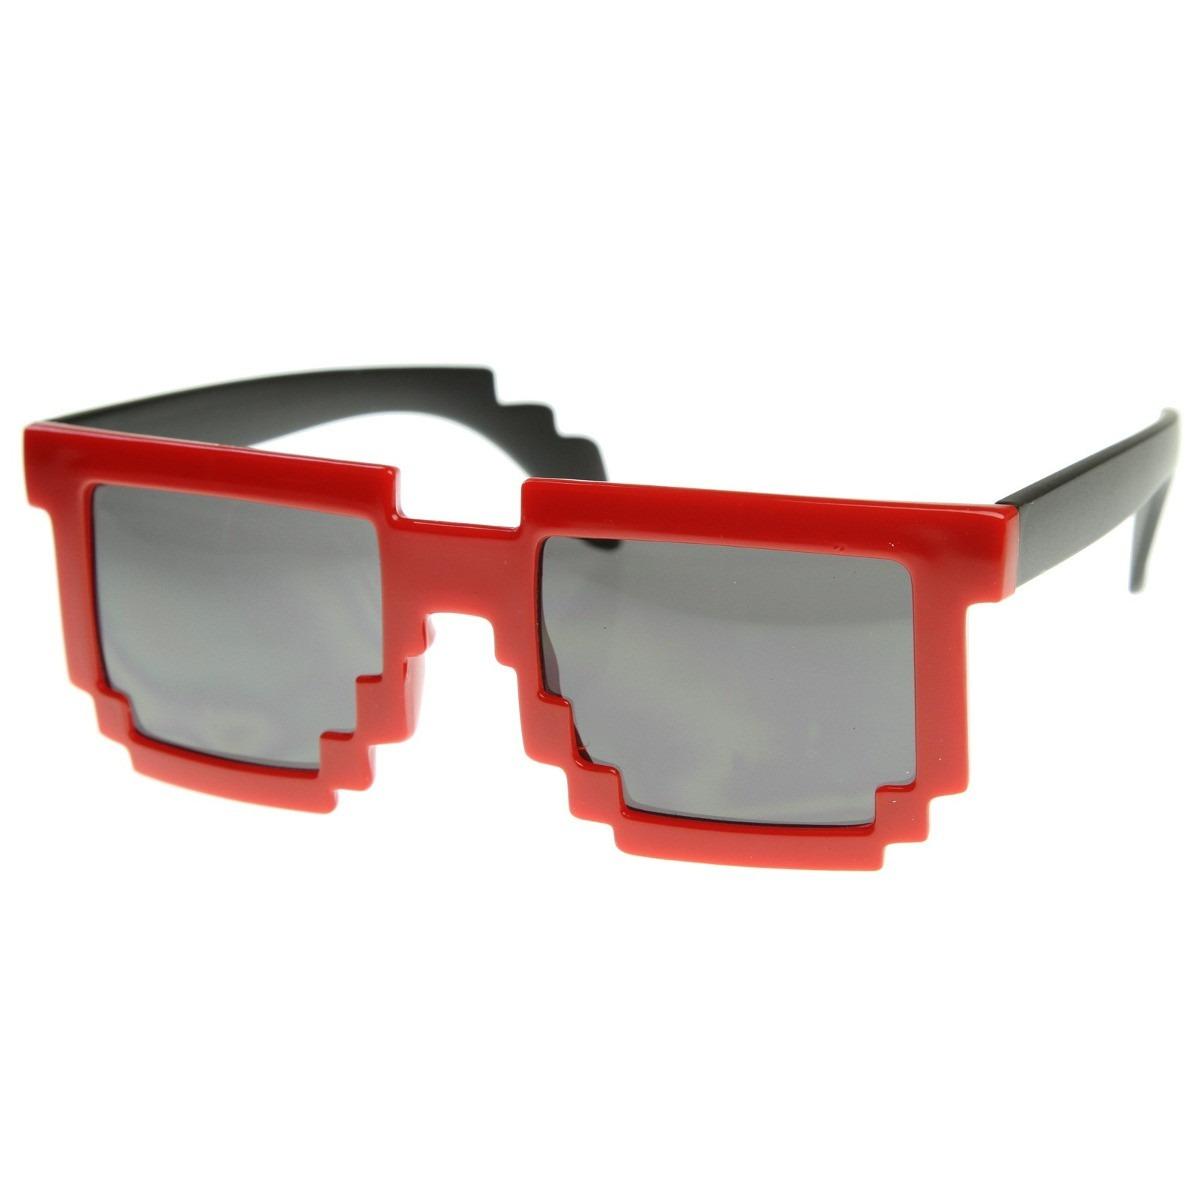 1370de2a77e88 Oculos De Sol Geek Fashion Pixel Minecraft Vermelho E Preto - R  57,87 em  Mercado Livre